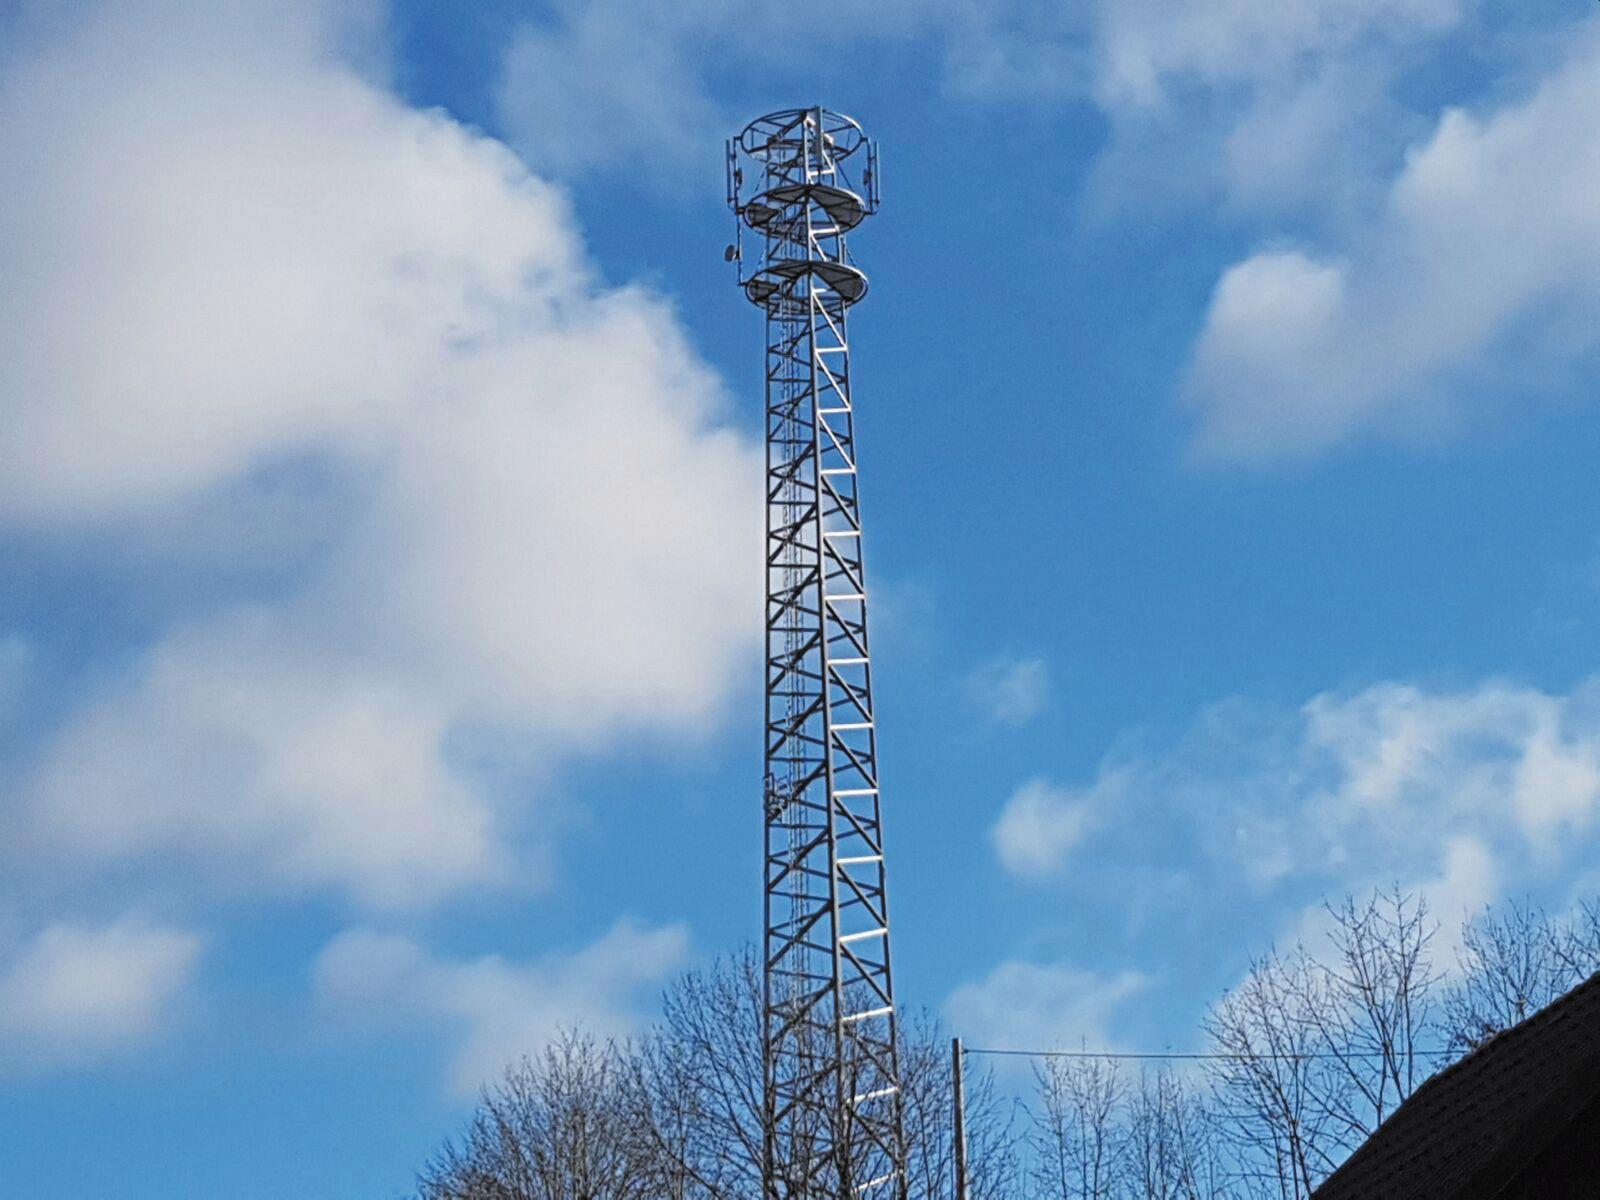 T-Mobile ma zielone światło na budowę nowego nadajnika w gminie Andrychów